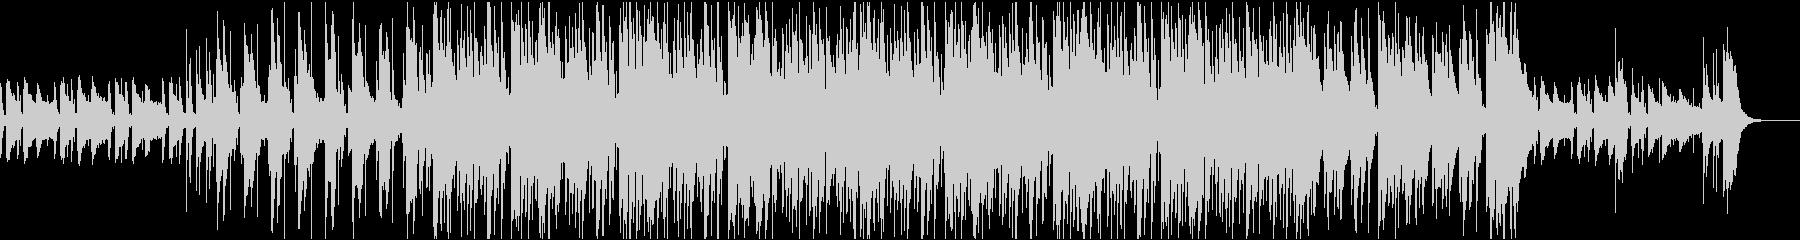 室内BGMっぽいボサノバの未再生の波形